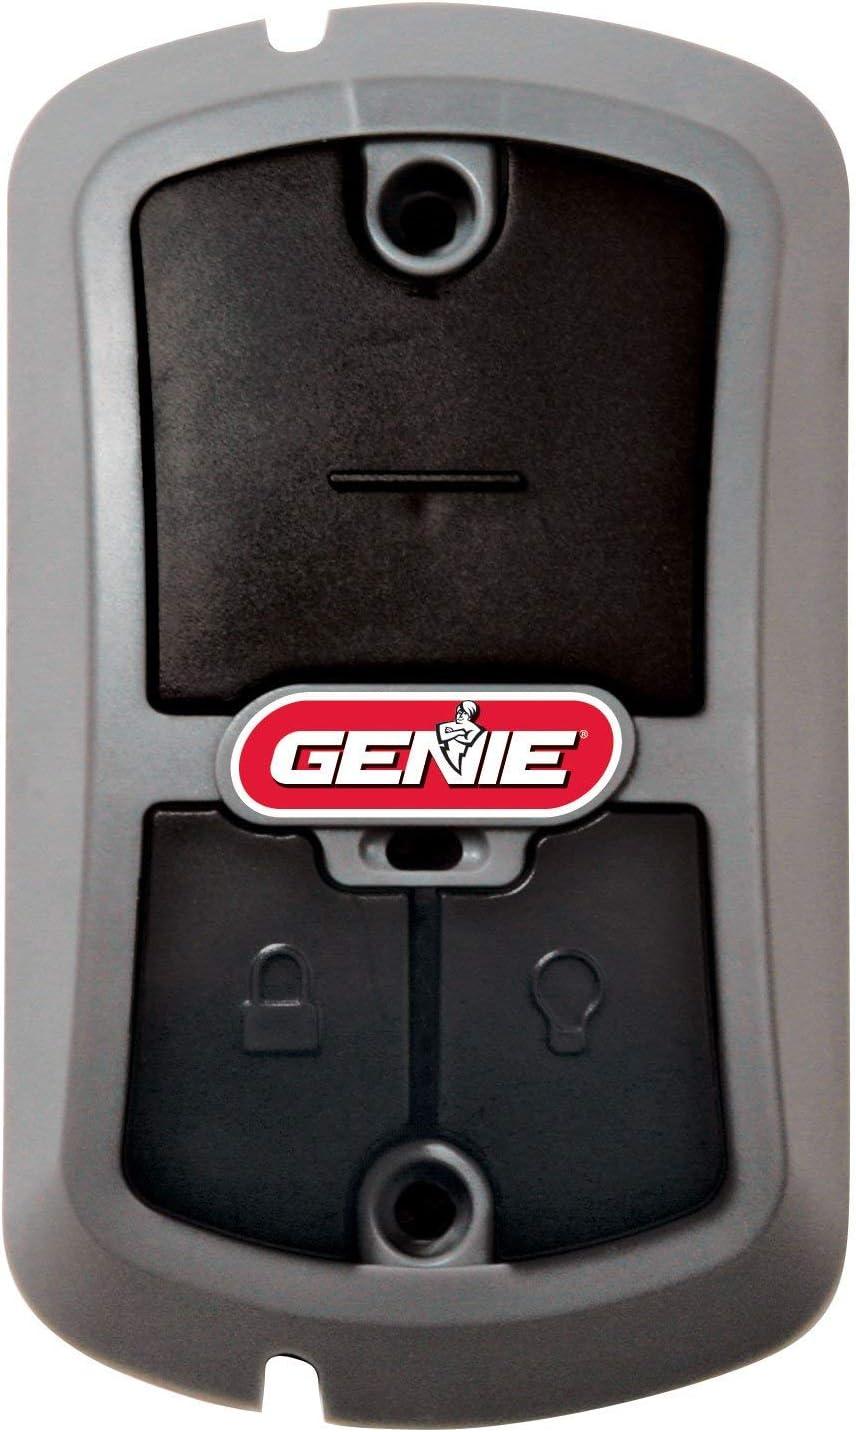 Genie GBWX-BX Wall Console Series III 37222R Genie